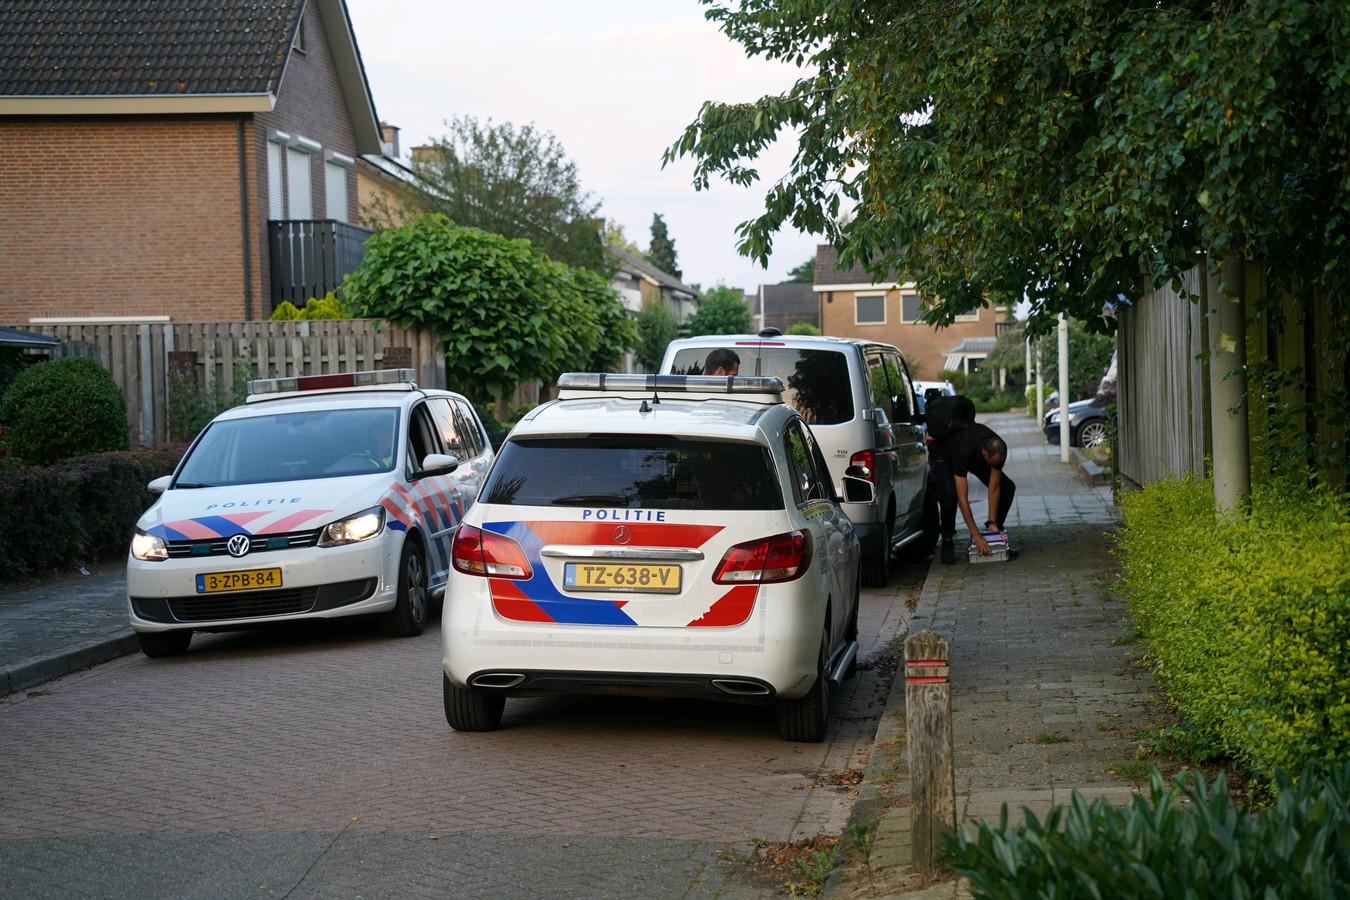 Het onderzoek in de Gladiolenstraat is in volle gang na de vondst van een stoffelijk overschot.